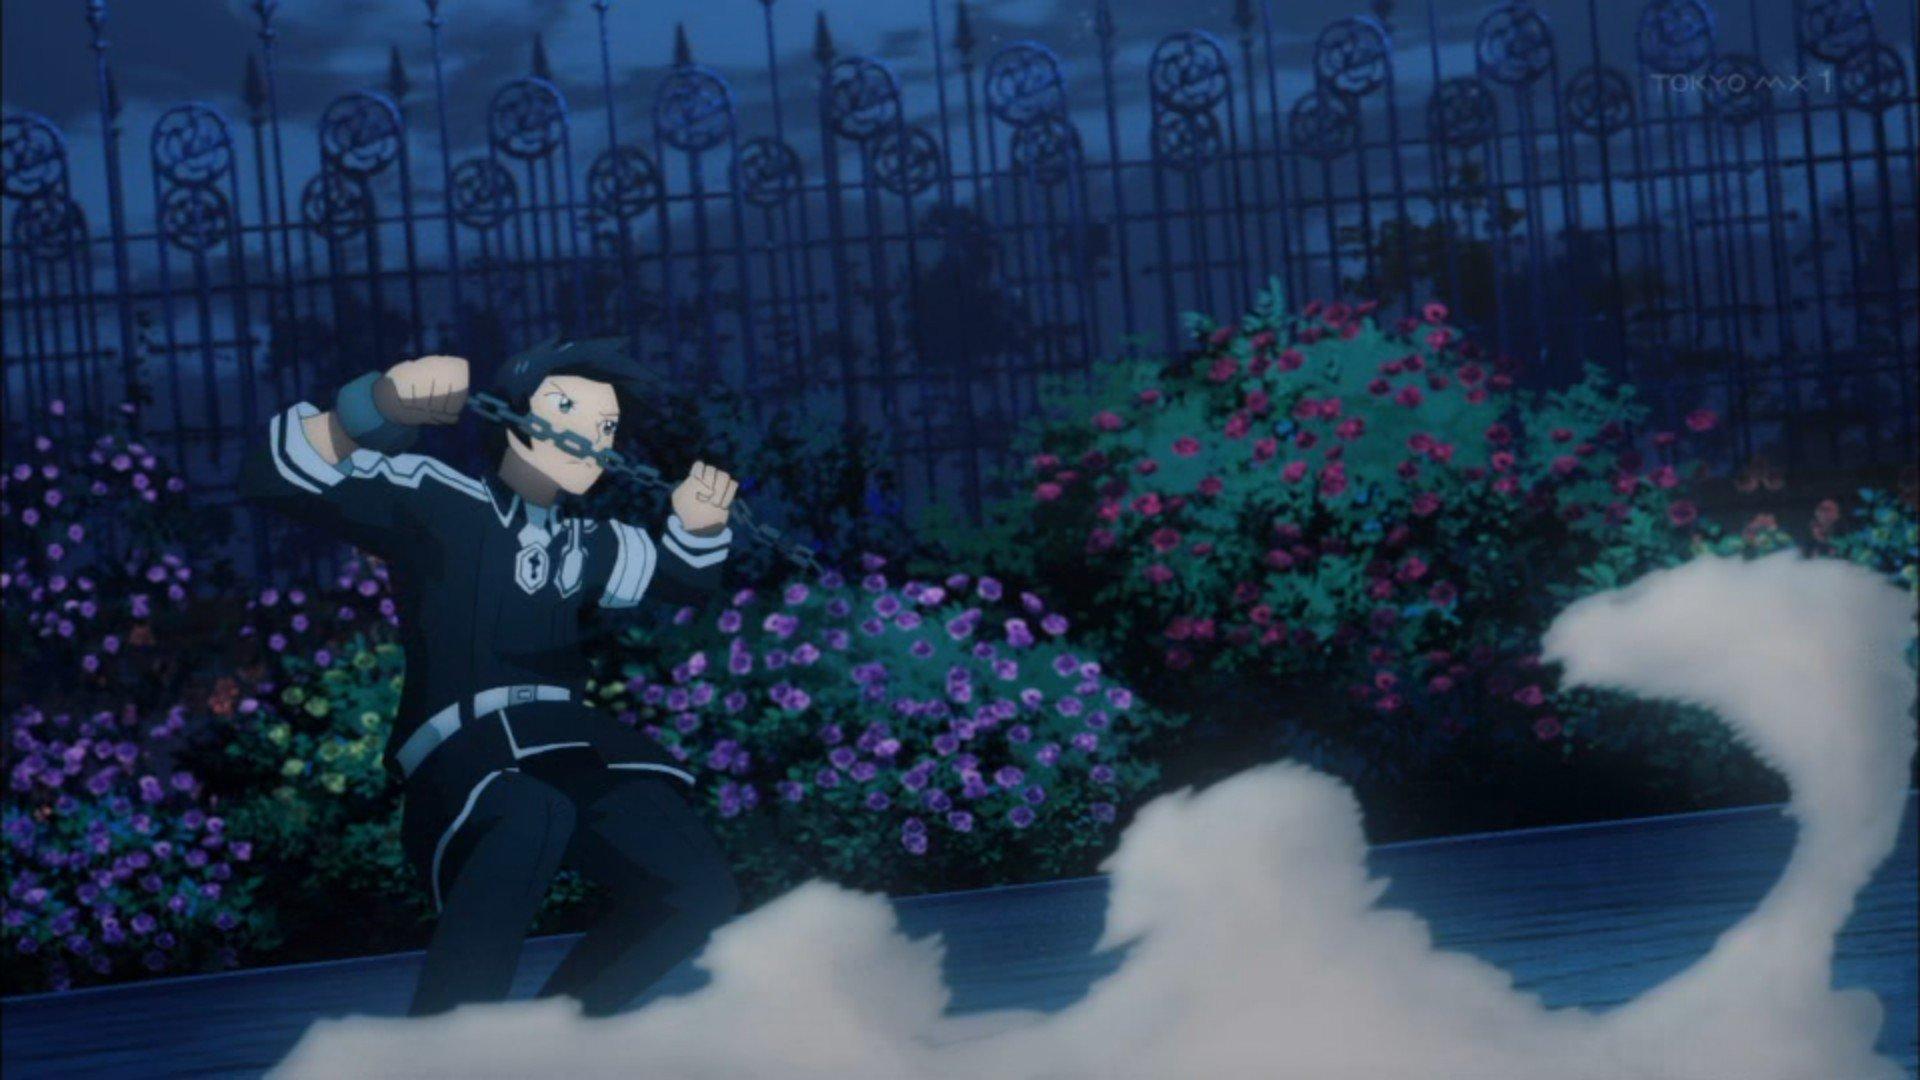 でこ出しキリトさん #sao_anime https://t.co/2TpPyZ7QUc